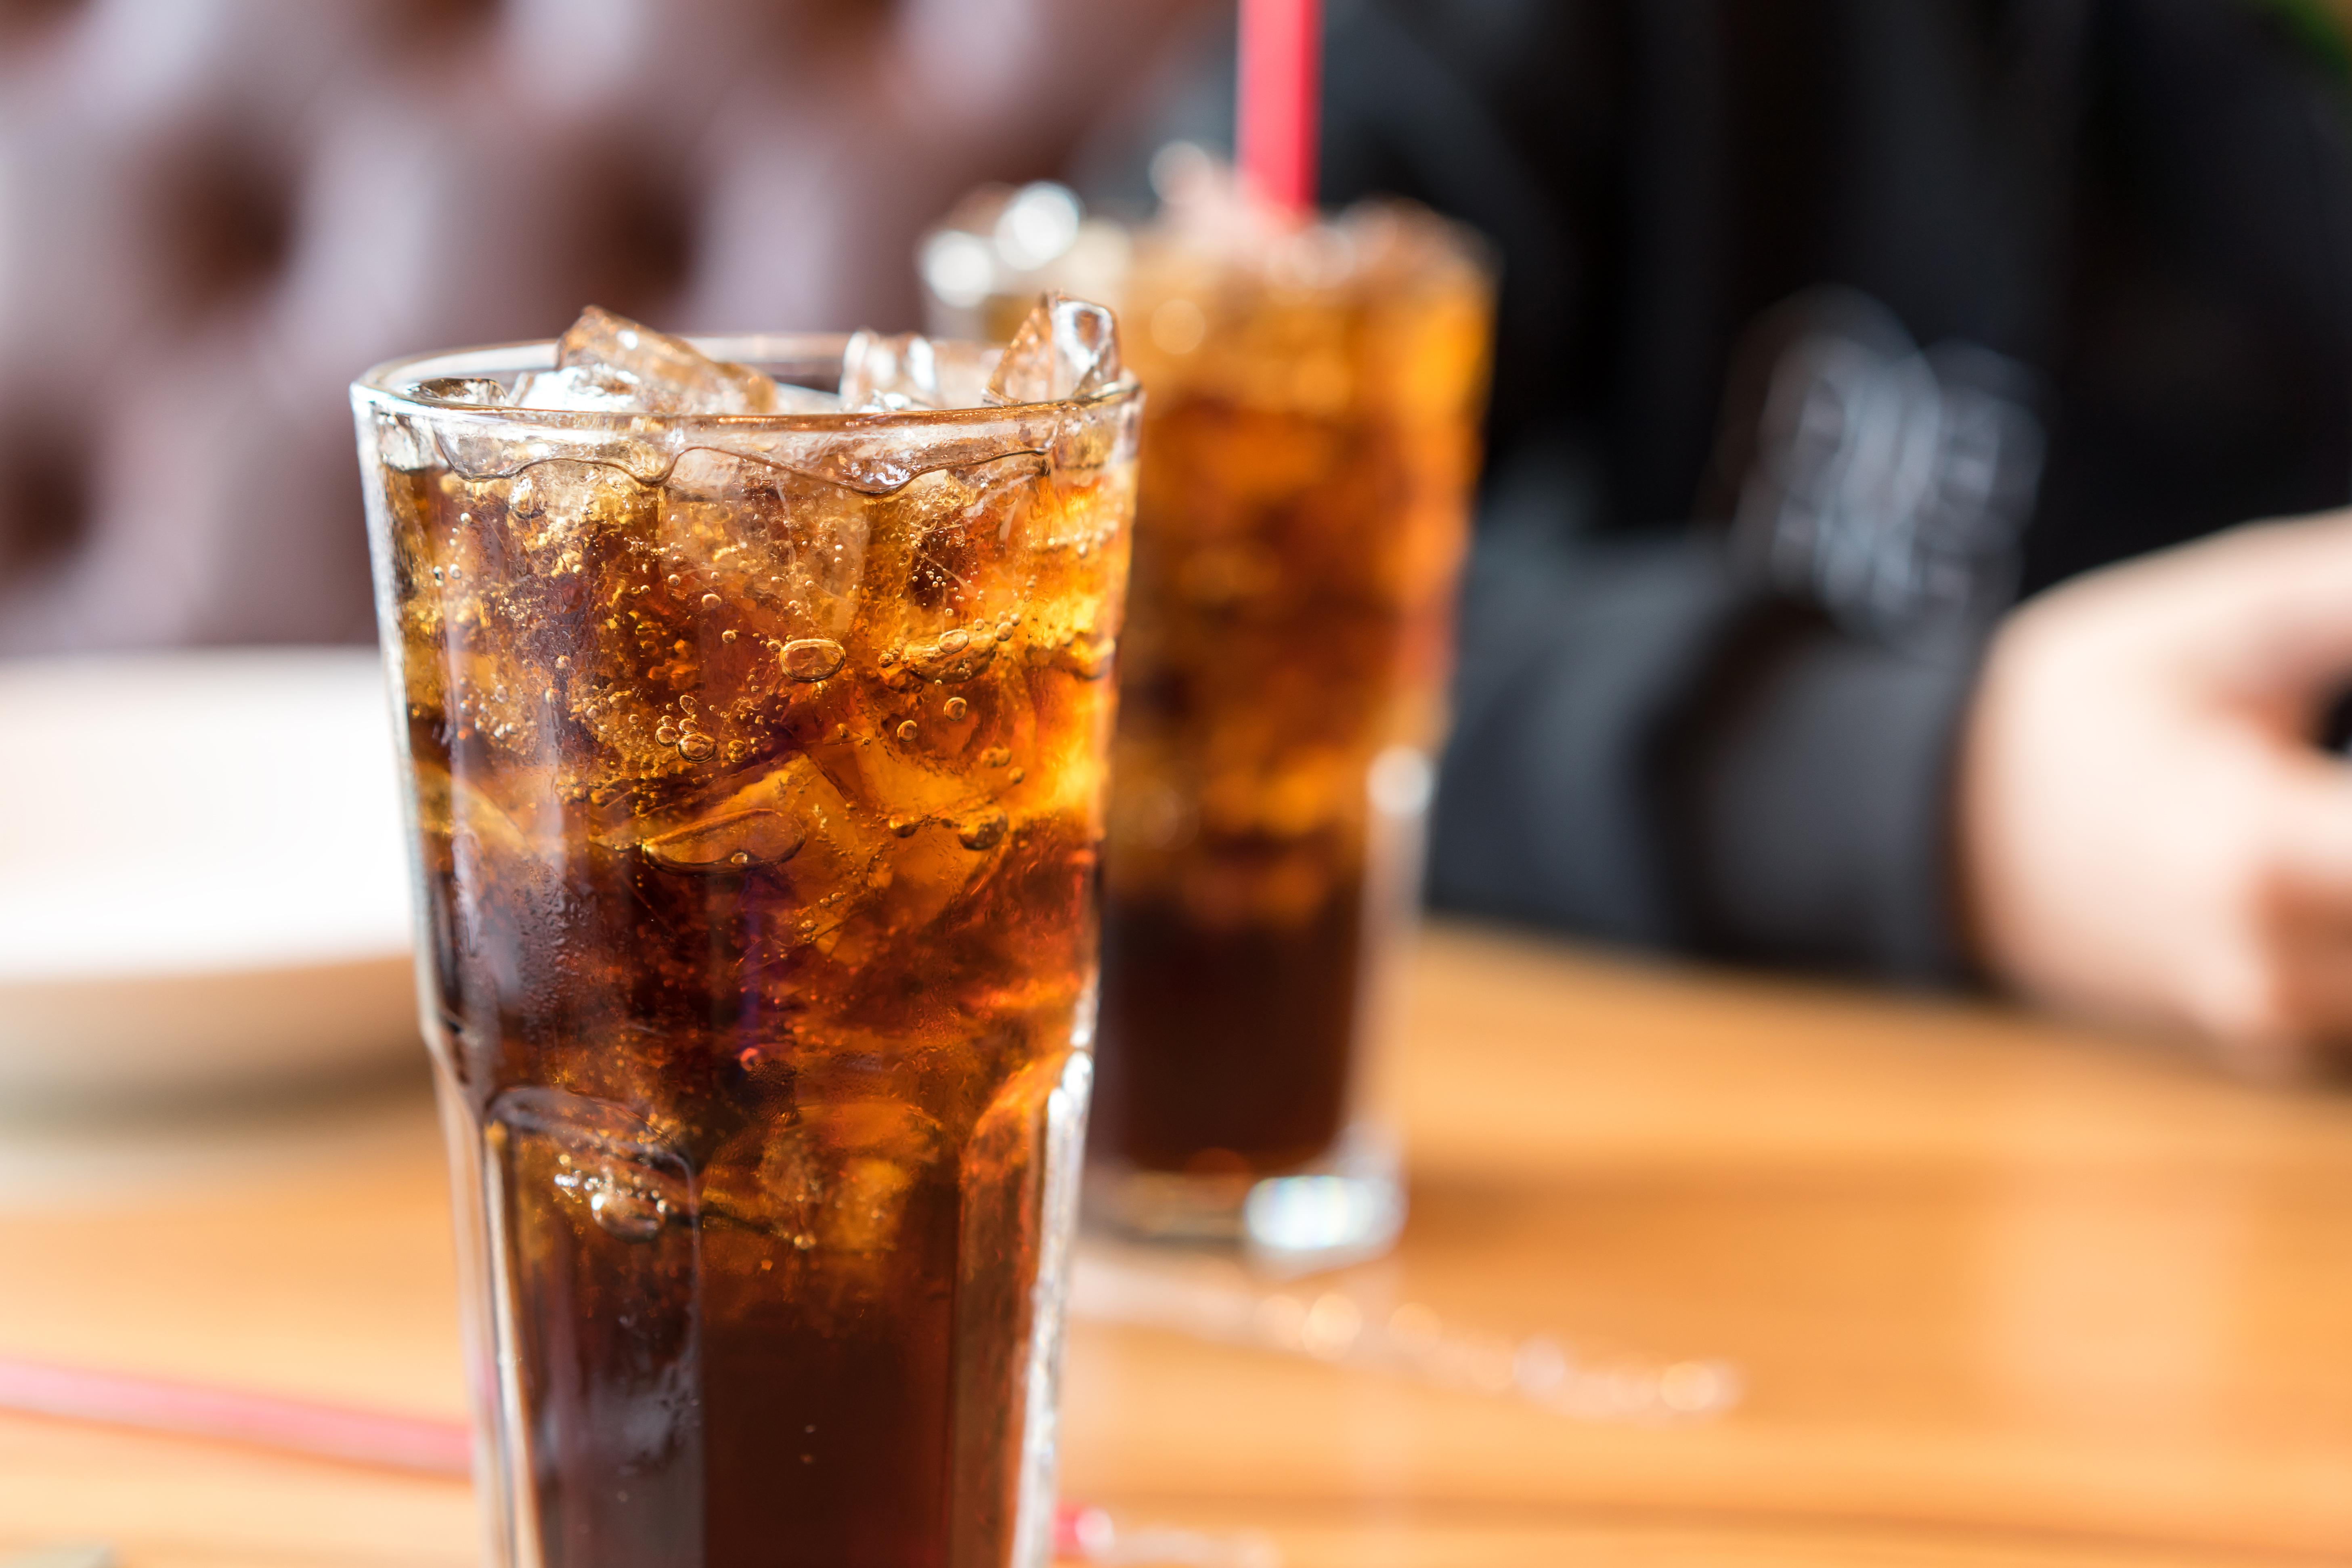 <p><strong>2. Пийте от висока чаша</strong></p>  <p>Със сигурност напитките, съдържащи захар, не се препоръчват при диета. Ако не можете да се откажете от тях напълно обаче, може да приложите един прост трик, с който просто да намалите консумацията им - наливайте ги в по-малки и по-високи чаши. Така ще заблудите мозъка си, че дори изпивате по-голямо количество от тях. Можете да добавите и лед към напитката си, за да изглежда чашата още по-пълна.</p>